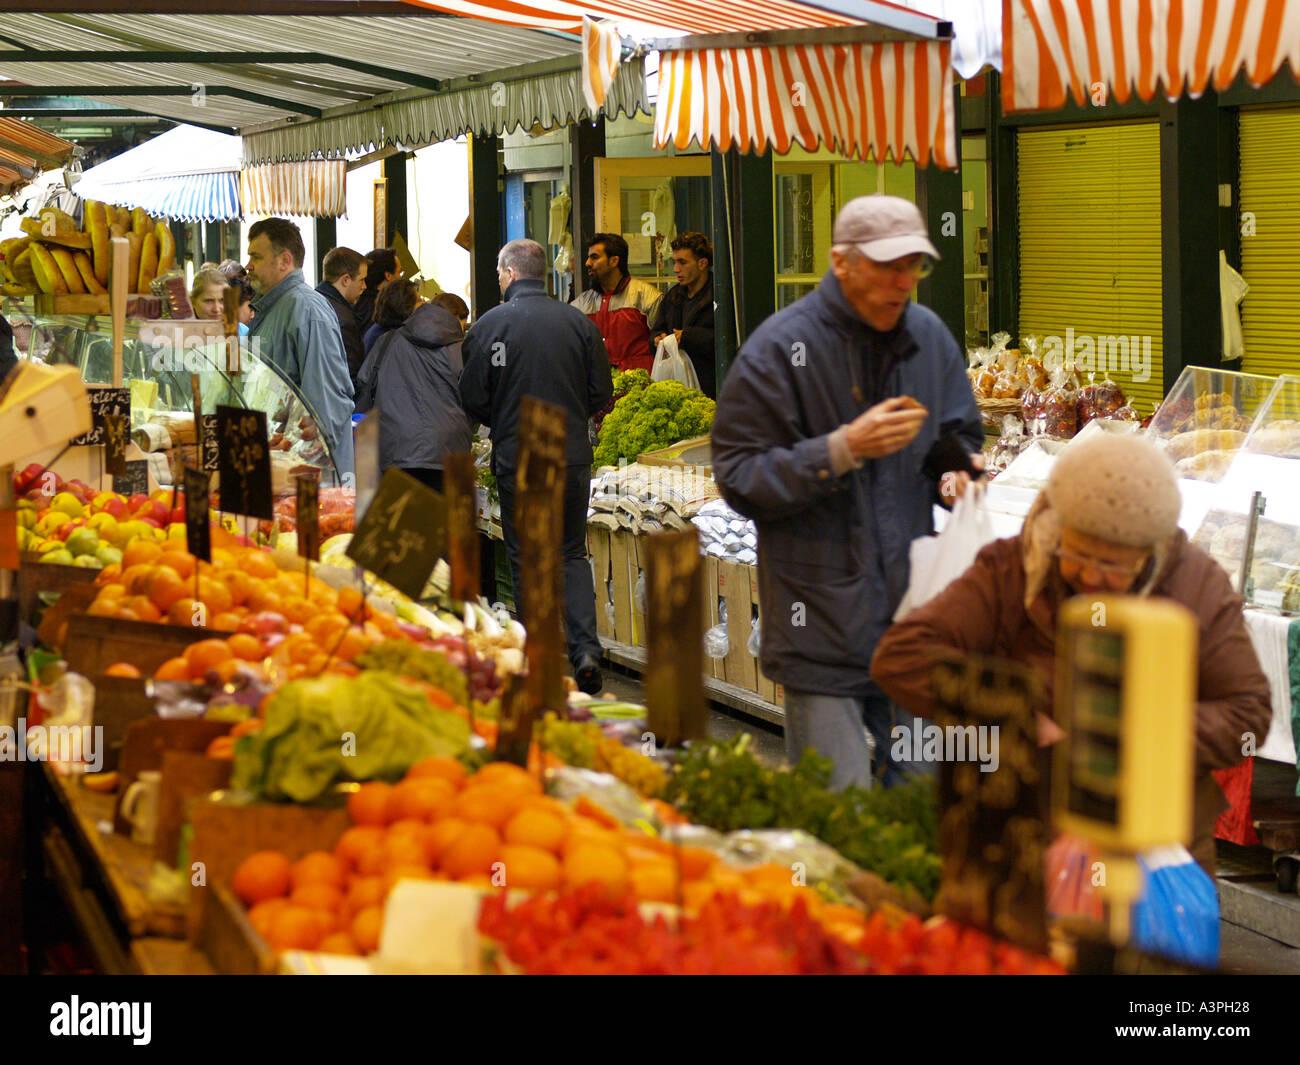 Naschmarkt Obst und Gemüsestand hustle and bustle - Stock Image